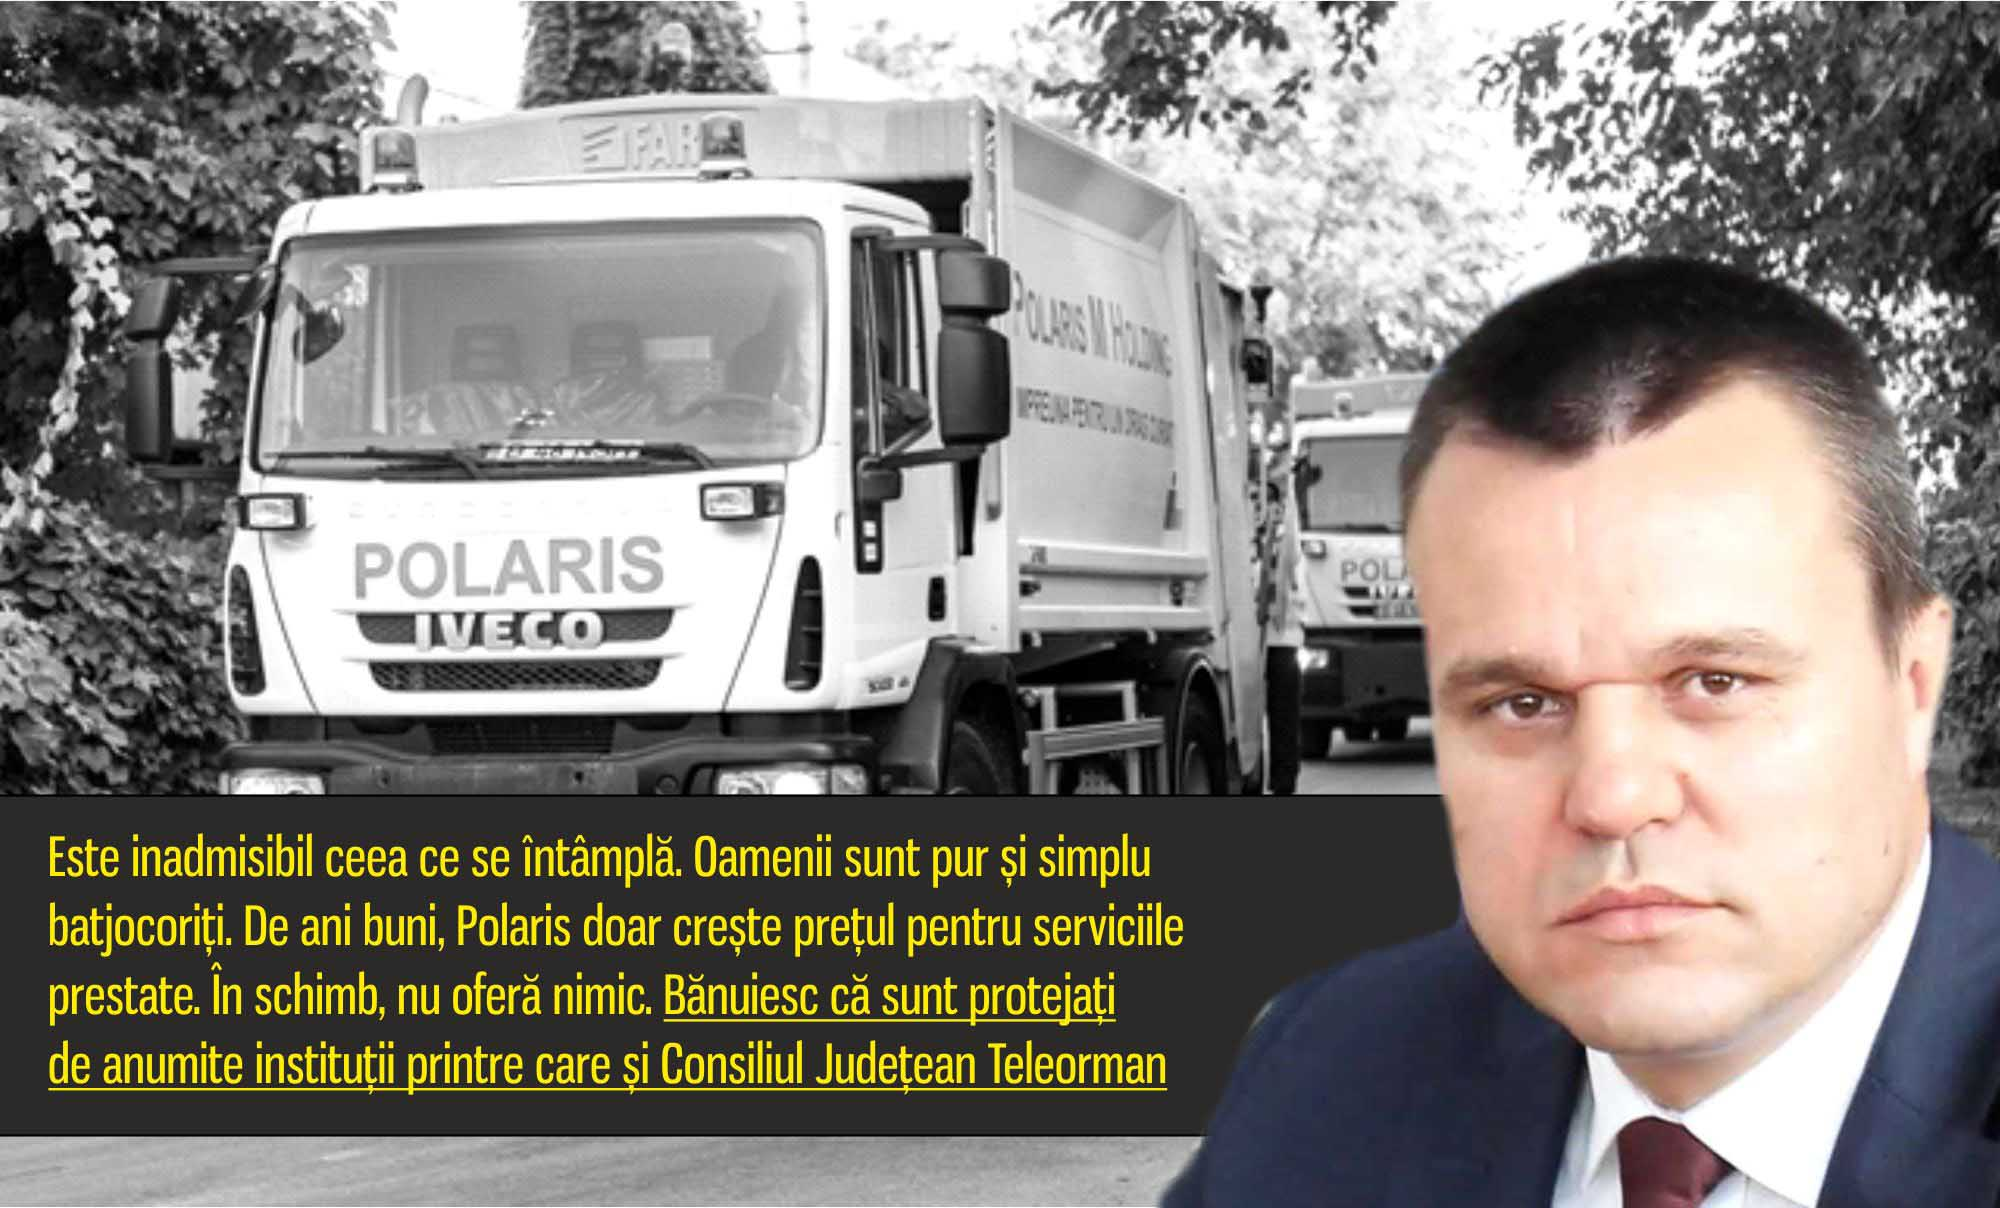 Senatorul Eugen Pîrvulescu, hotărât să pună capăt abuzurilor Polaris. Demnitarul amenință societatea cu plângere penală